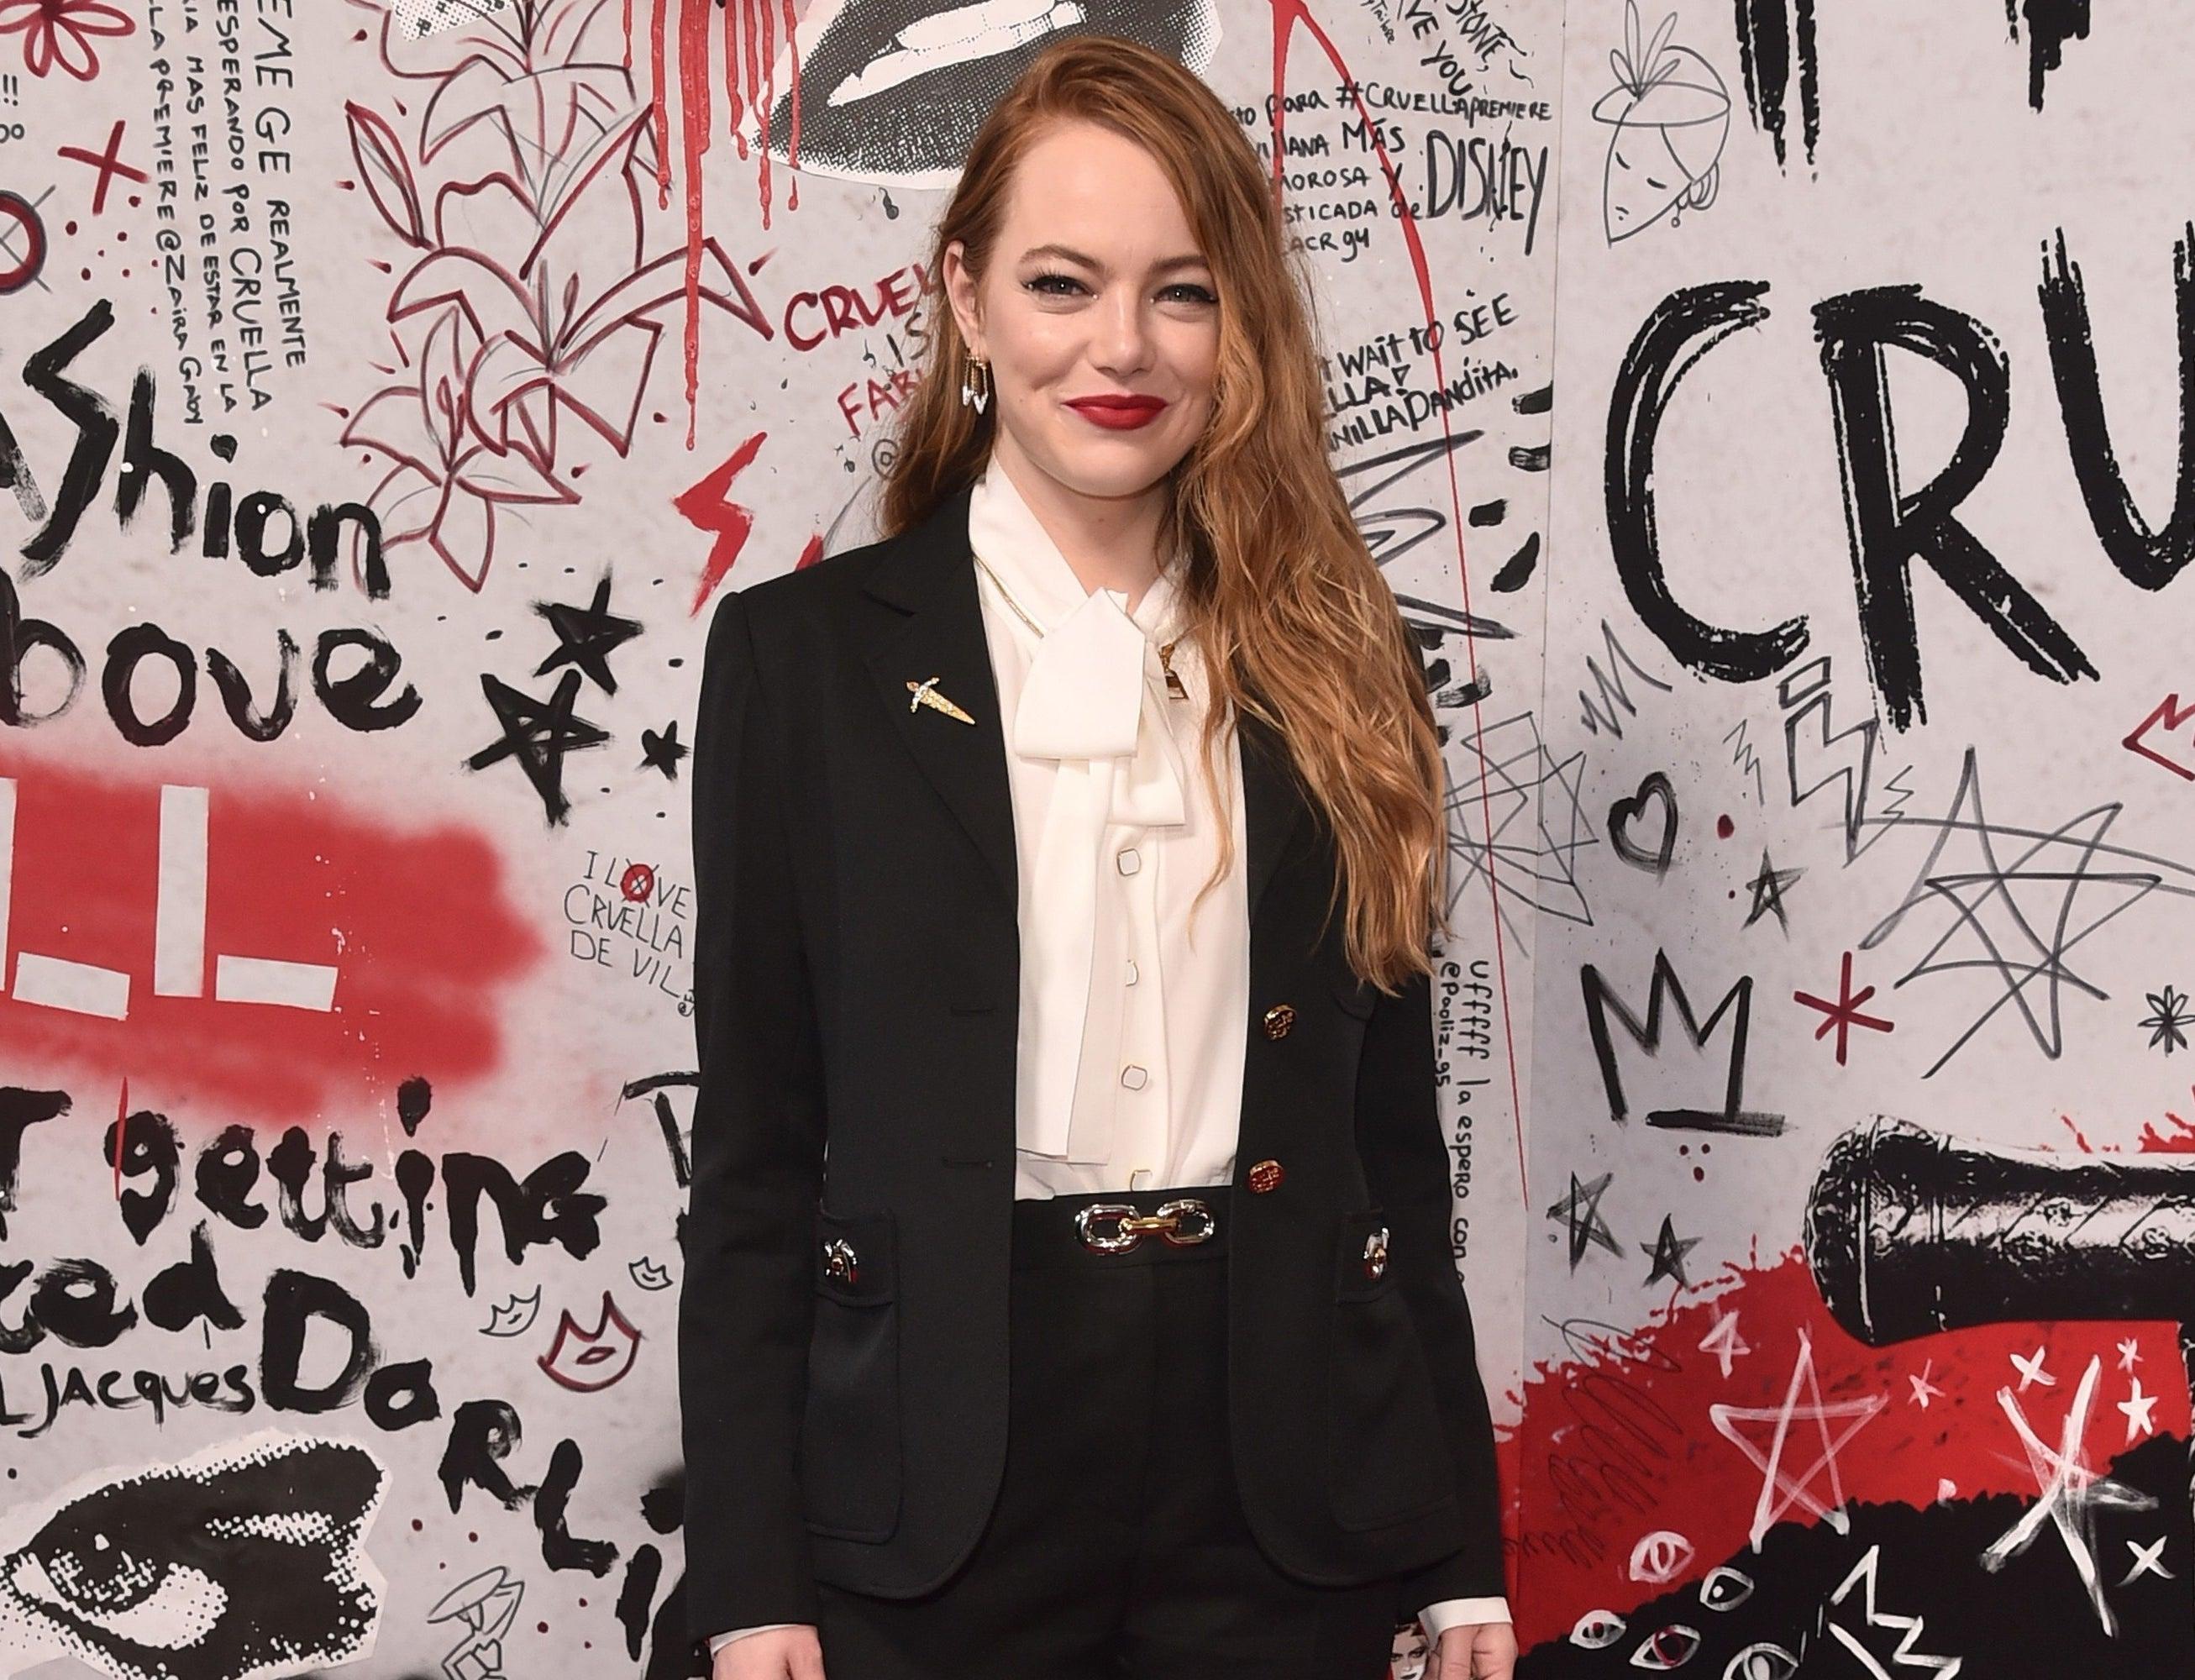 Emma attends the Cruella premiere